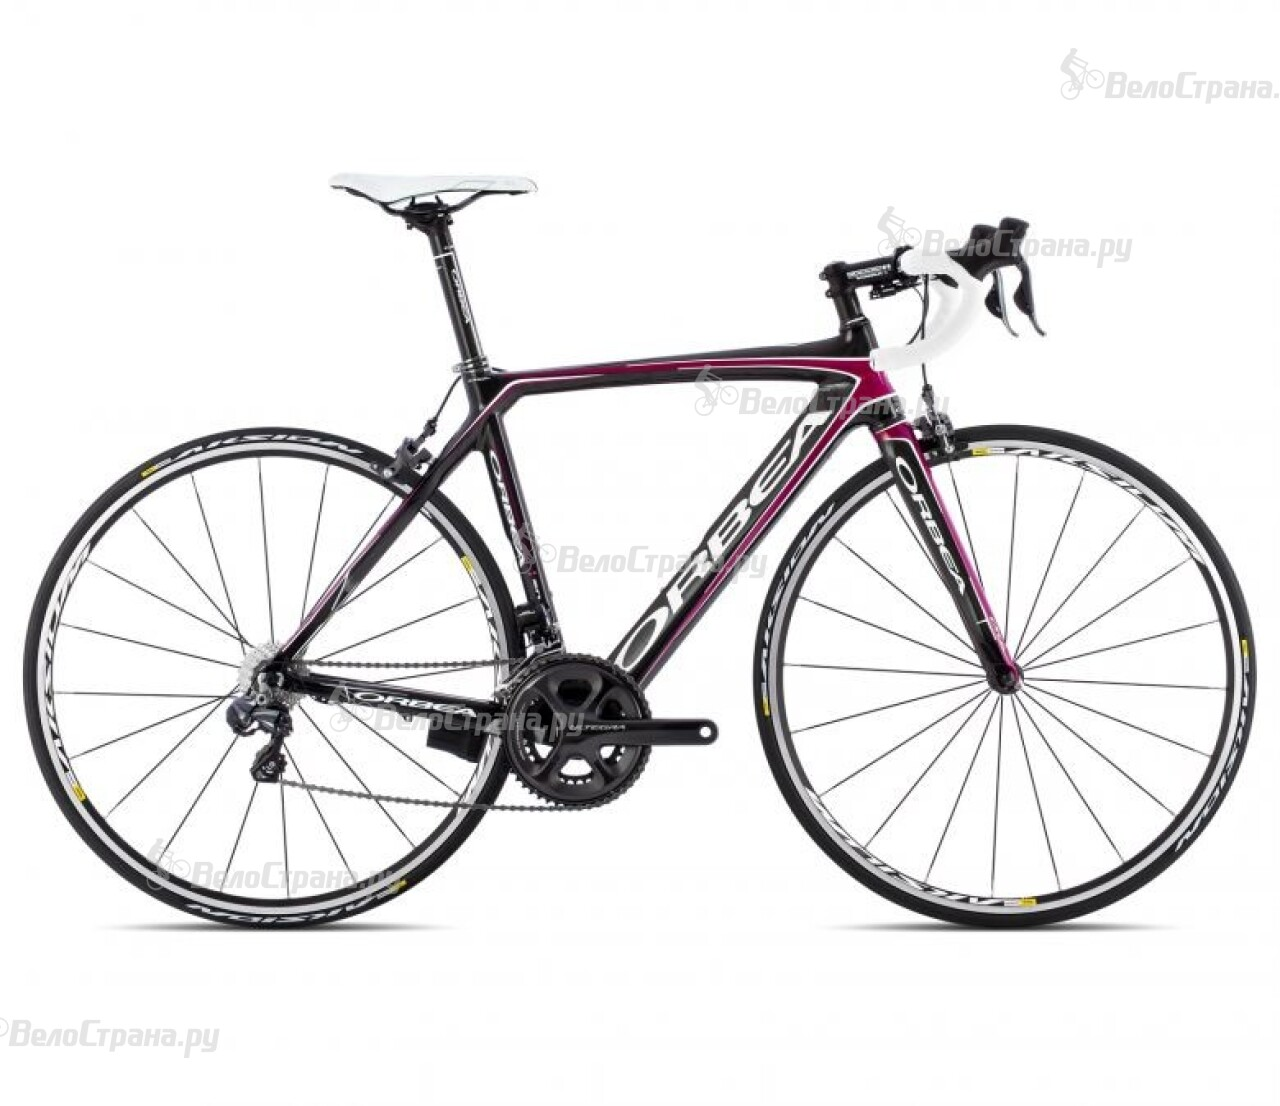 Велосипед Orbea Orca B Dama M10 (2014) велосипед orbea orca dama gth 2013